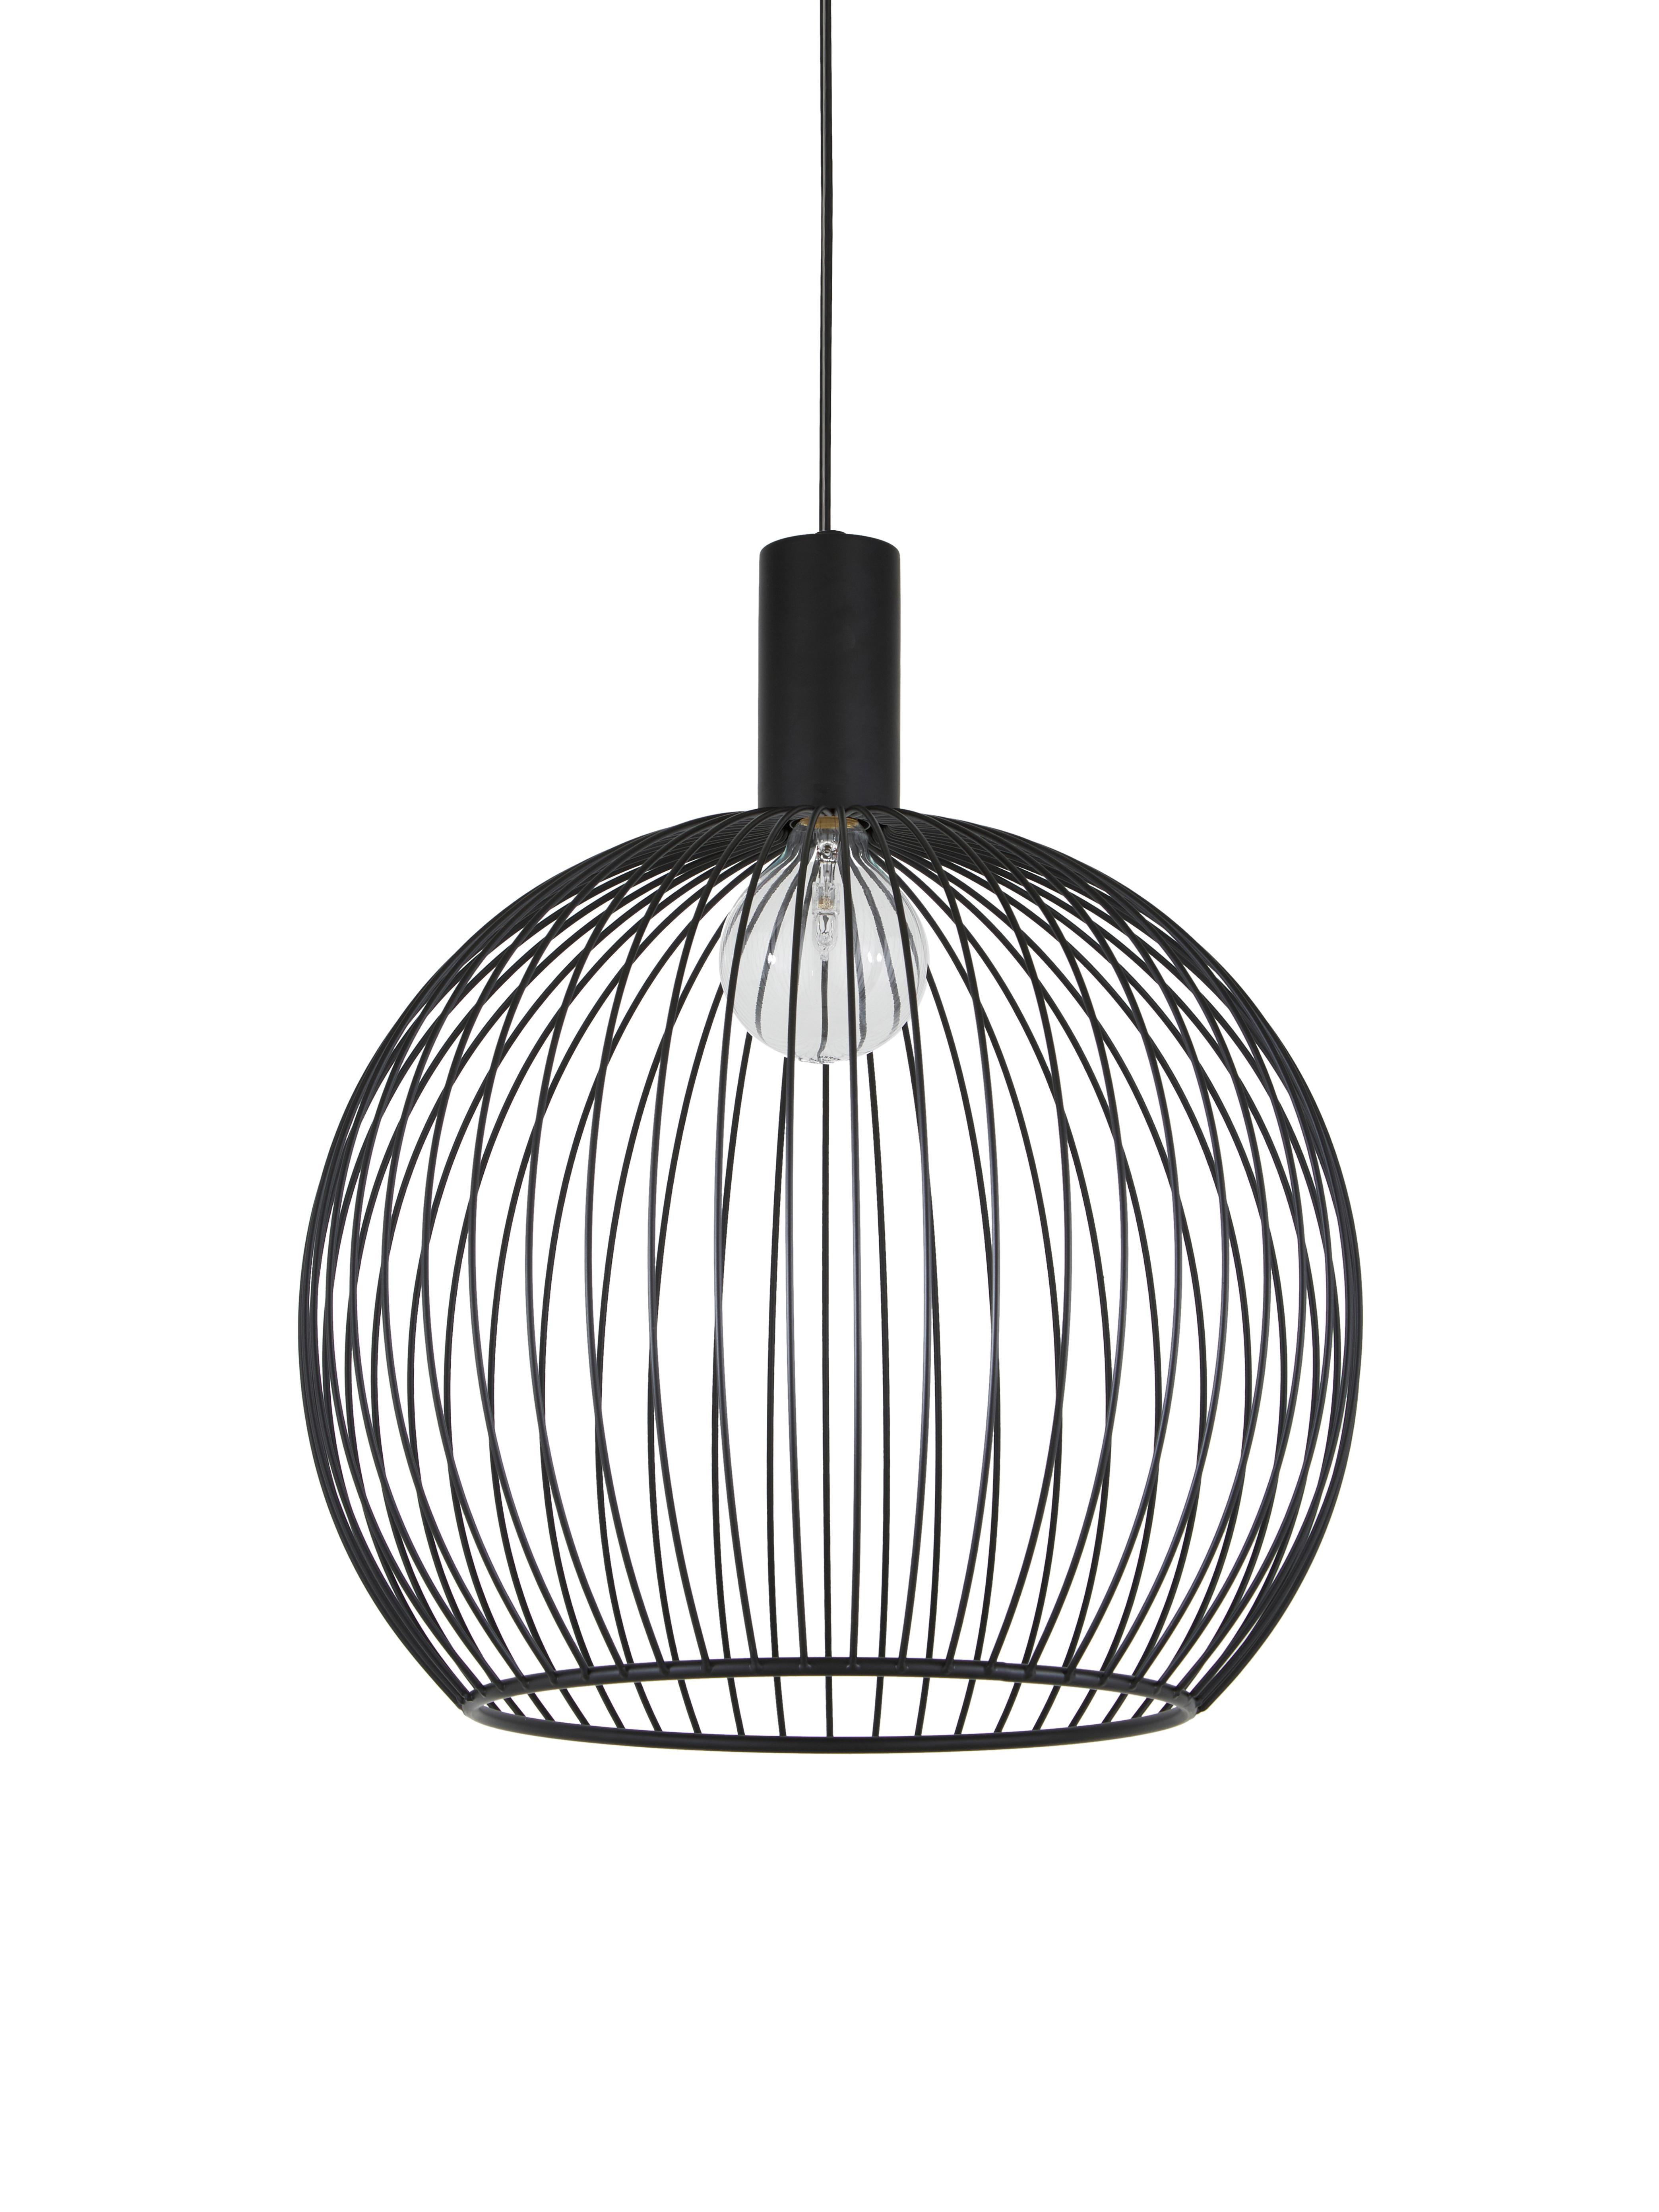 Lampada a sospensione di design Aver, Paralume: acciaio verniciato, Baldacchino: materiale sintetico, Nero, Ø 50 x Alt. 55 cm